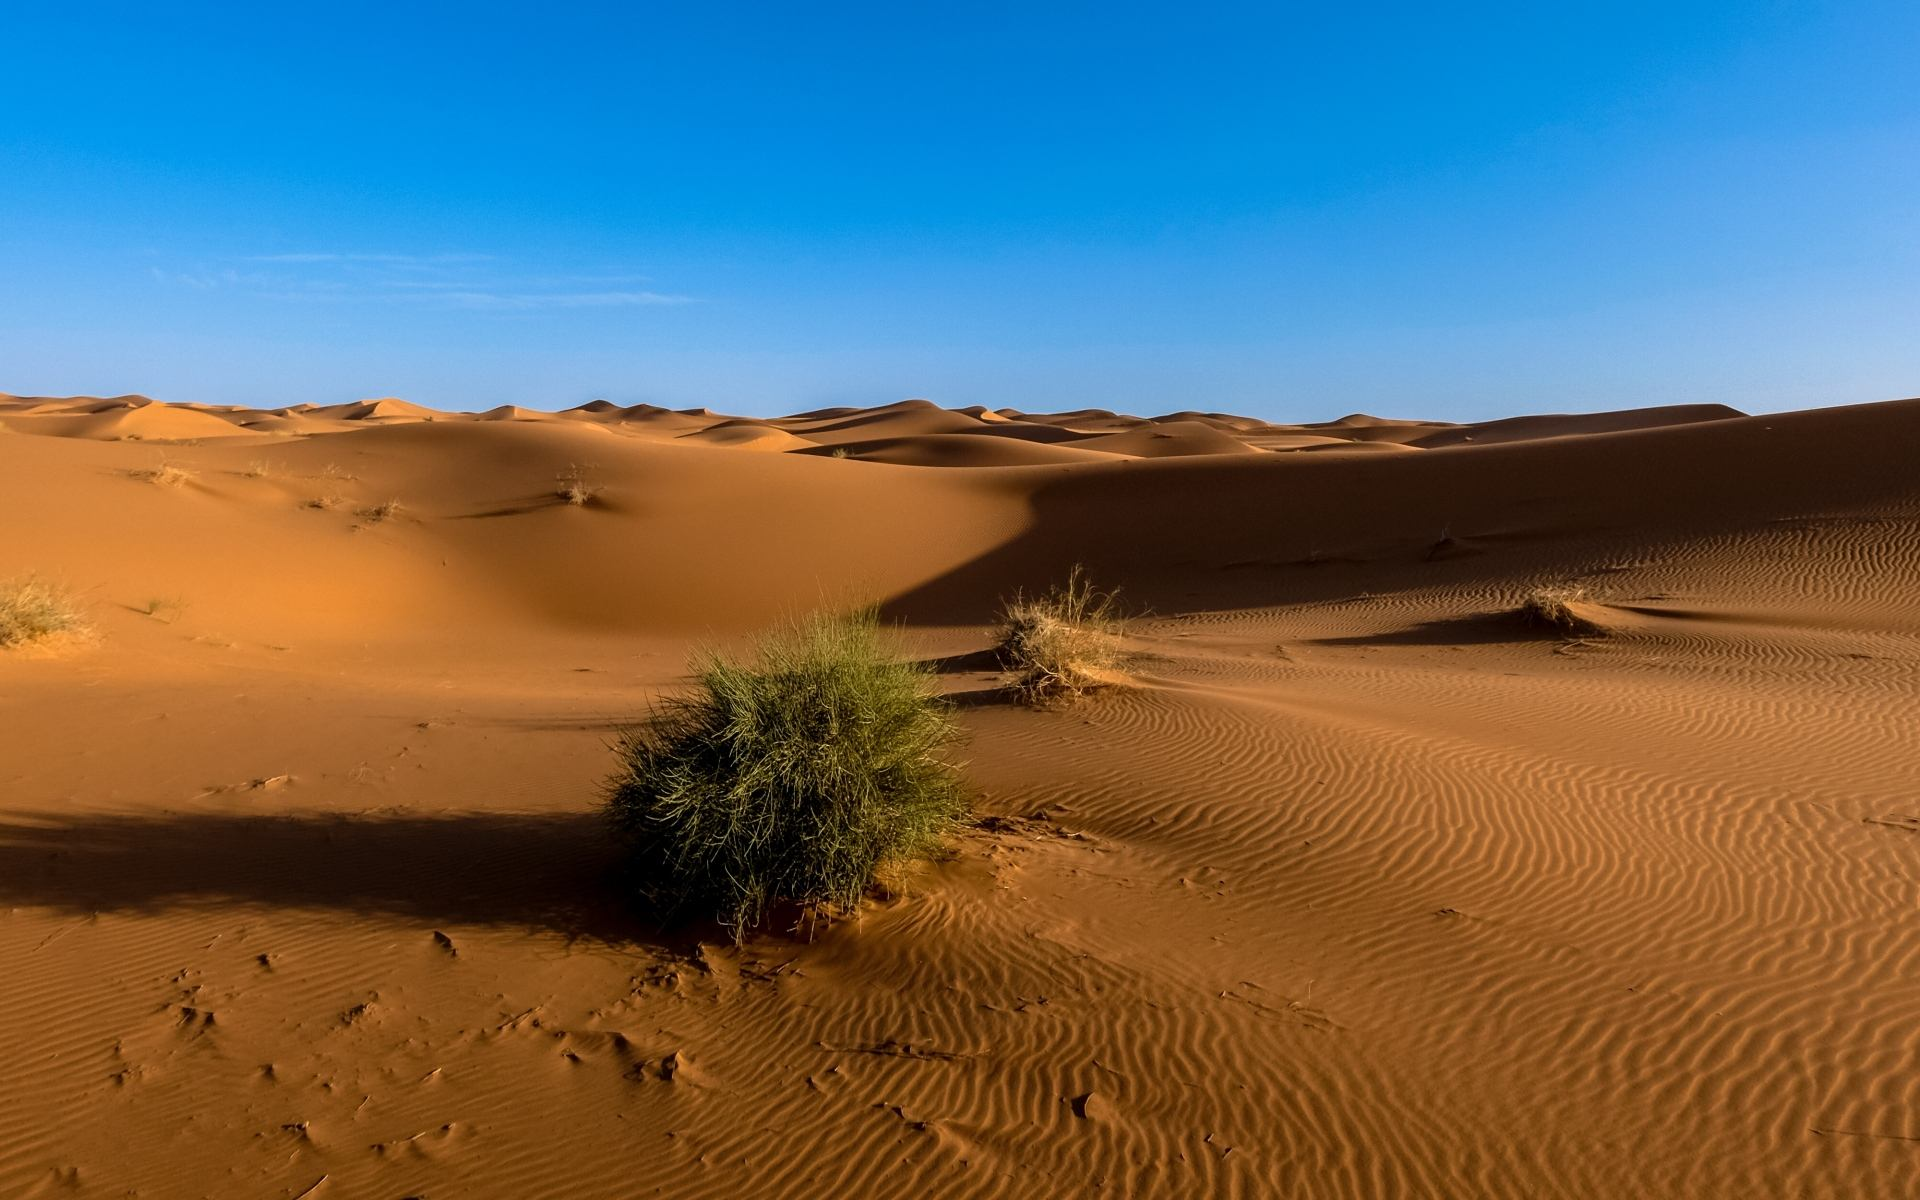 荒漠生态系统的结构与功能